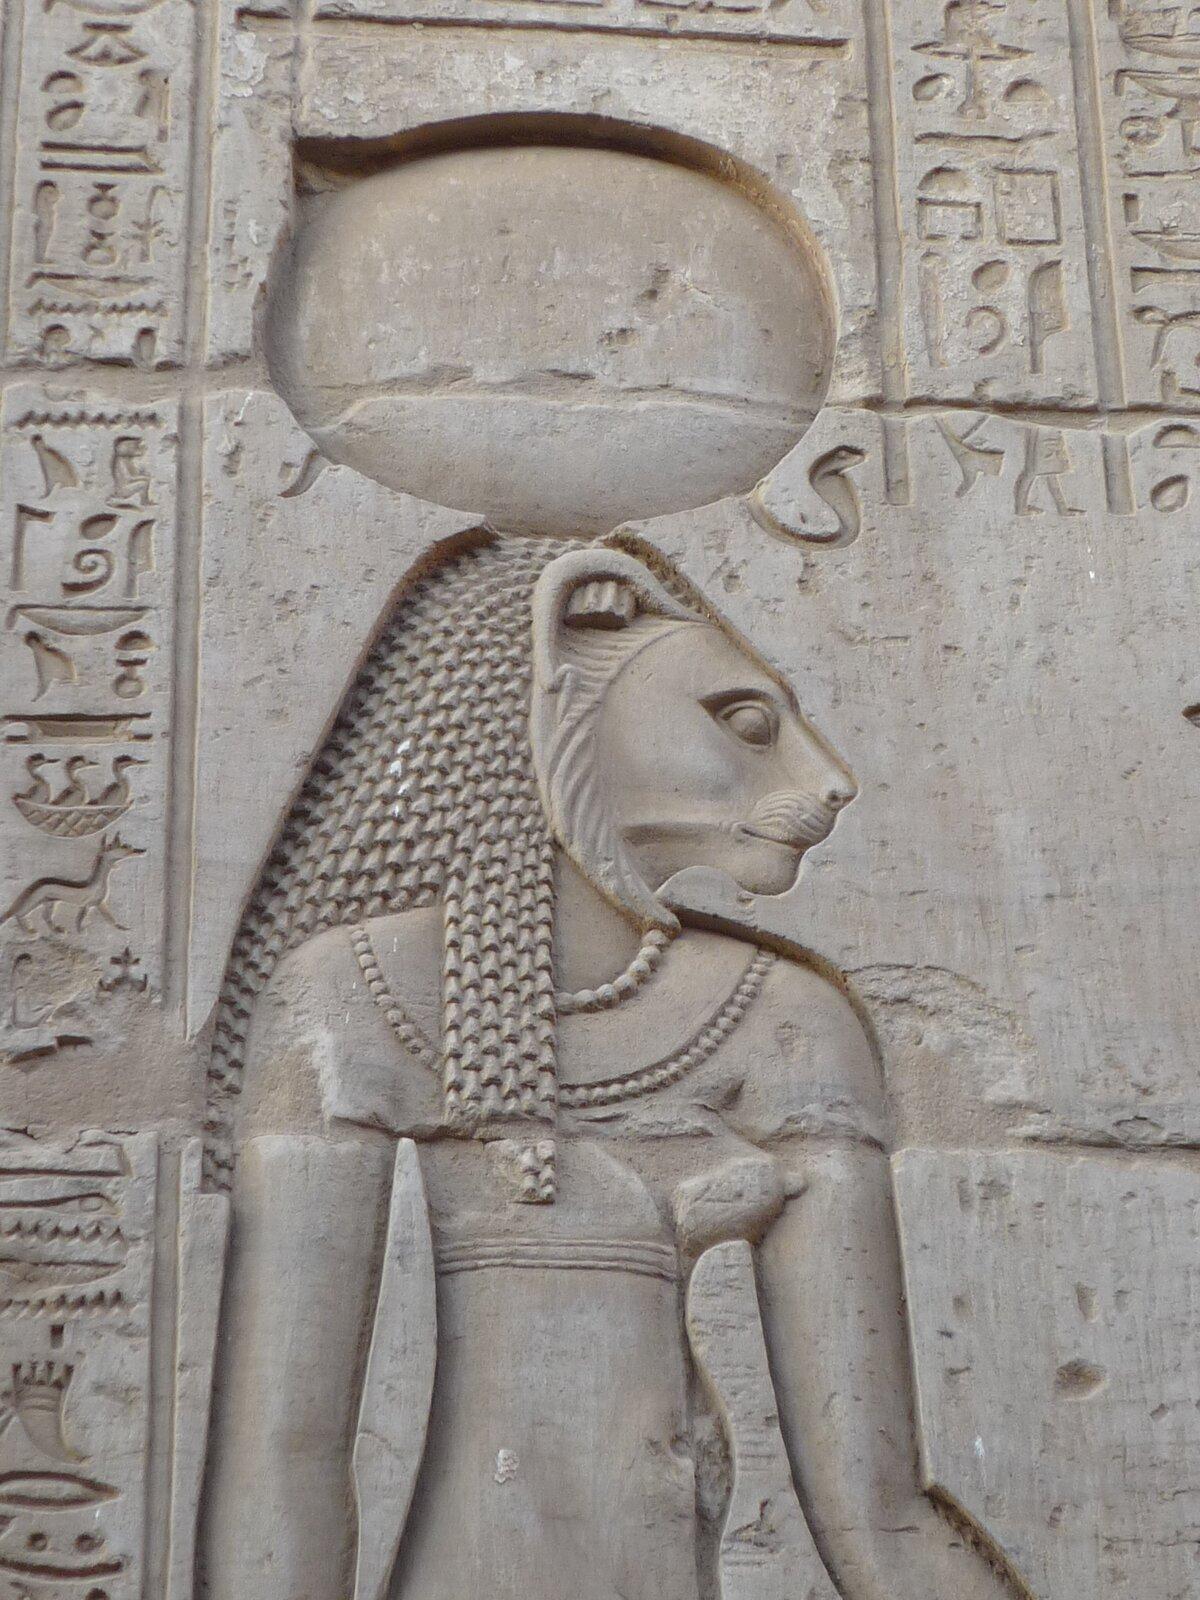 Ilustracja przedstawia fragment reliefu ze ściany świątyni wKom Obo wEgipcie. Na fotografii widać Horusa zgłową lwa. Jest ubrany wdopasowaną tunikę, na szyi ma korale. Na ścianie znajduje się tekst sporządzony pismem egipskim.